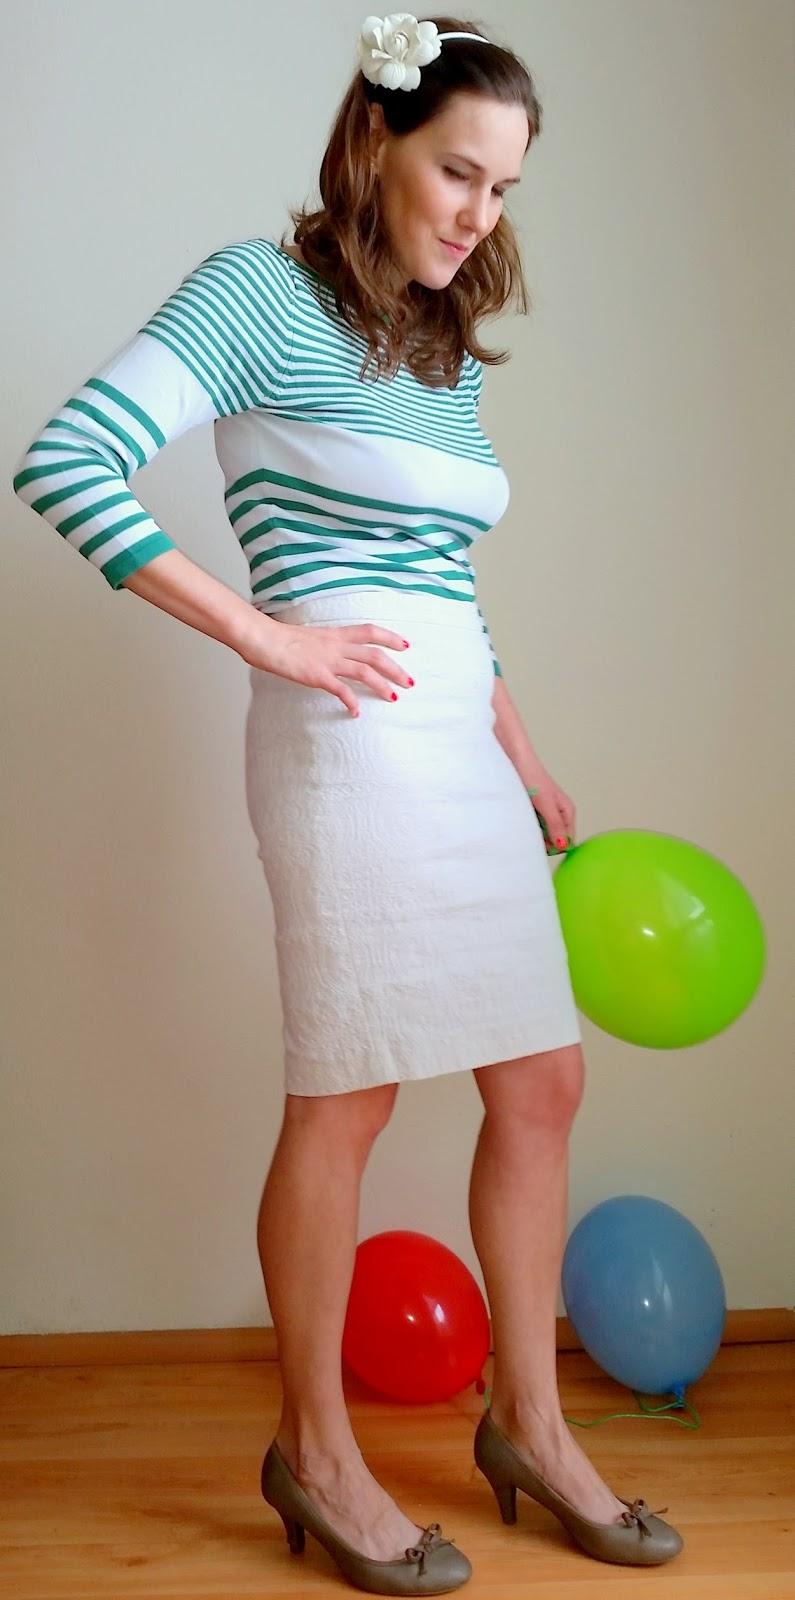 1e9ae858e0d3 V bielo- zelenej kombinácii sa budete cítiť žensky